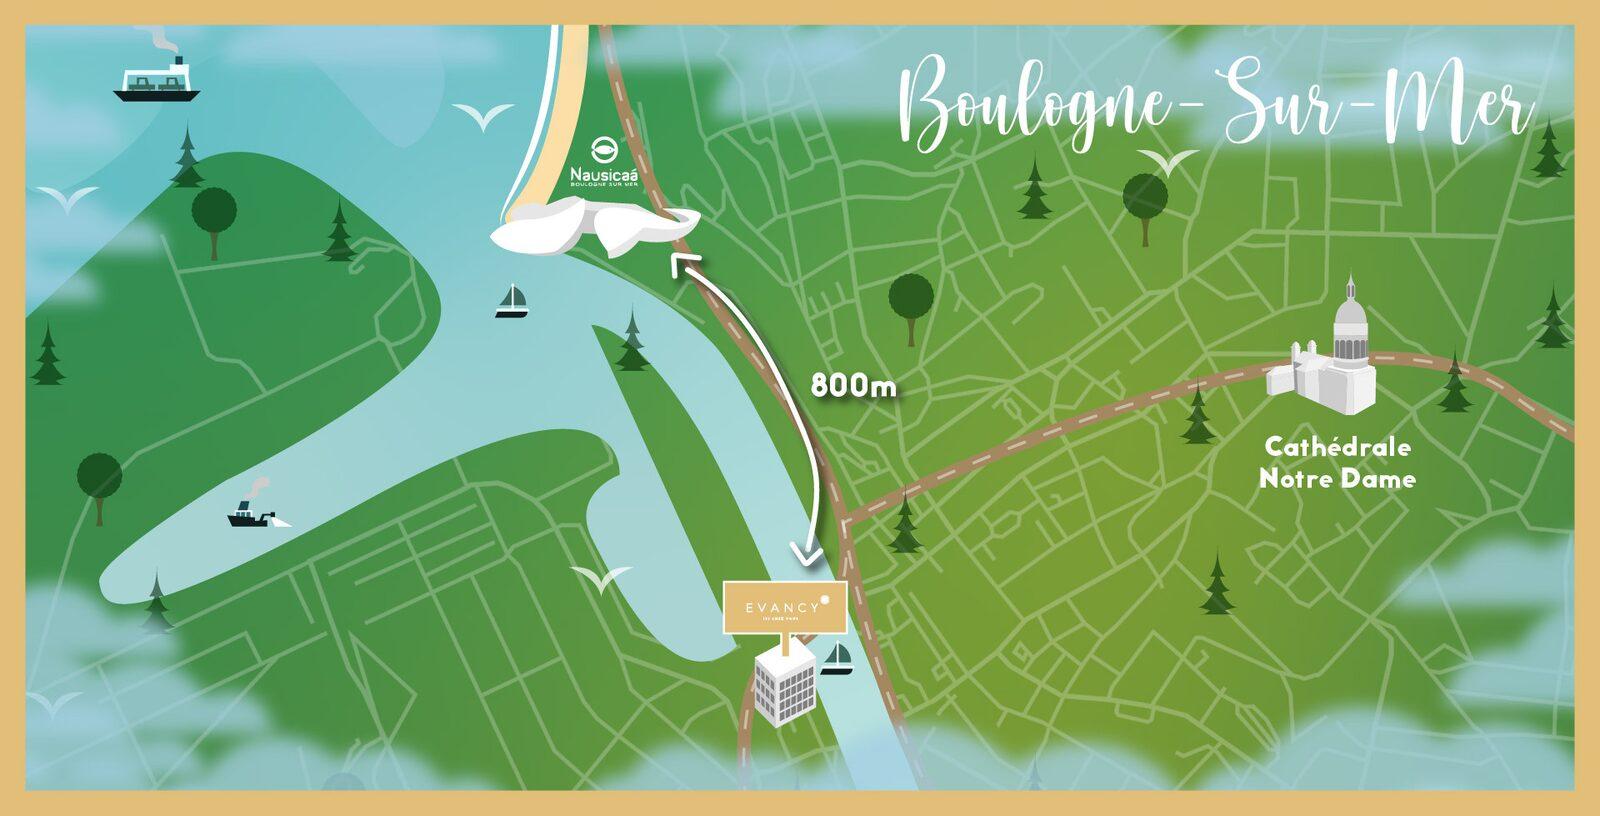 Hôtel près de Nausicaa à Boulogne Sur Mer - Hôtel Evancy Boulogne Sur Mer